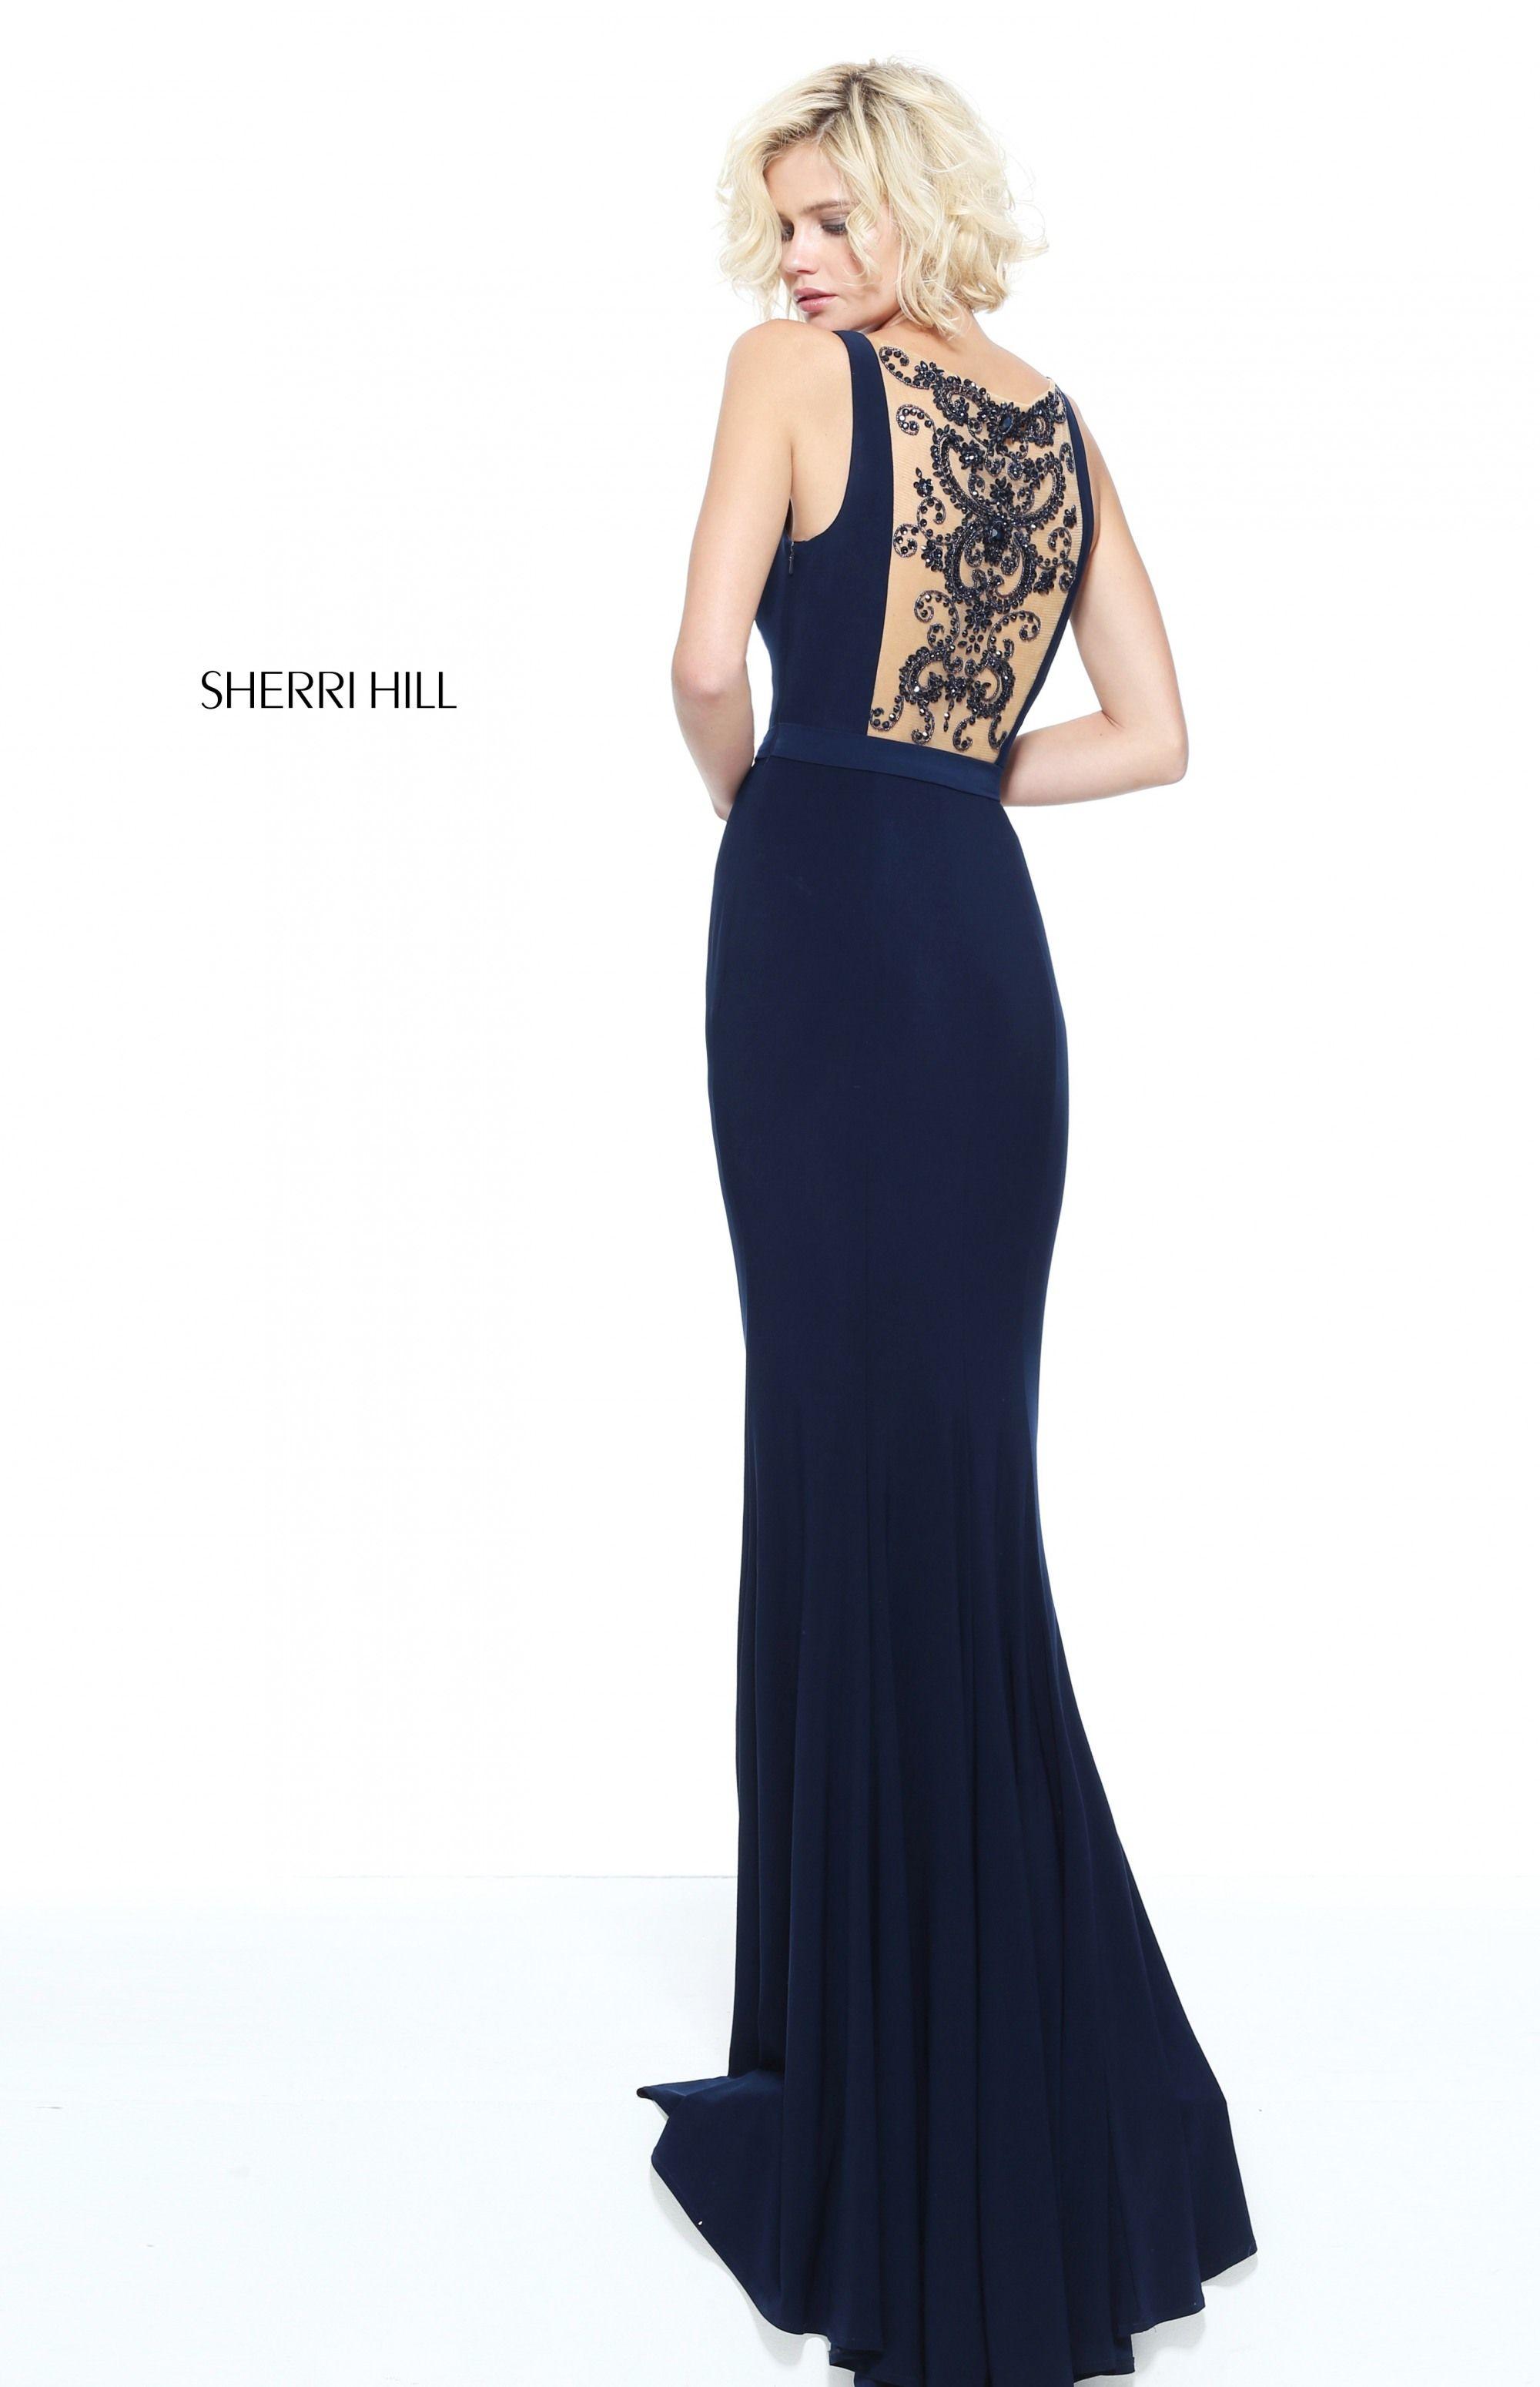 Groß Prom Kleid Läden In San Antonio Galerie - Brautkleider Ideen ...